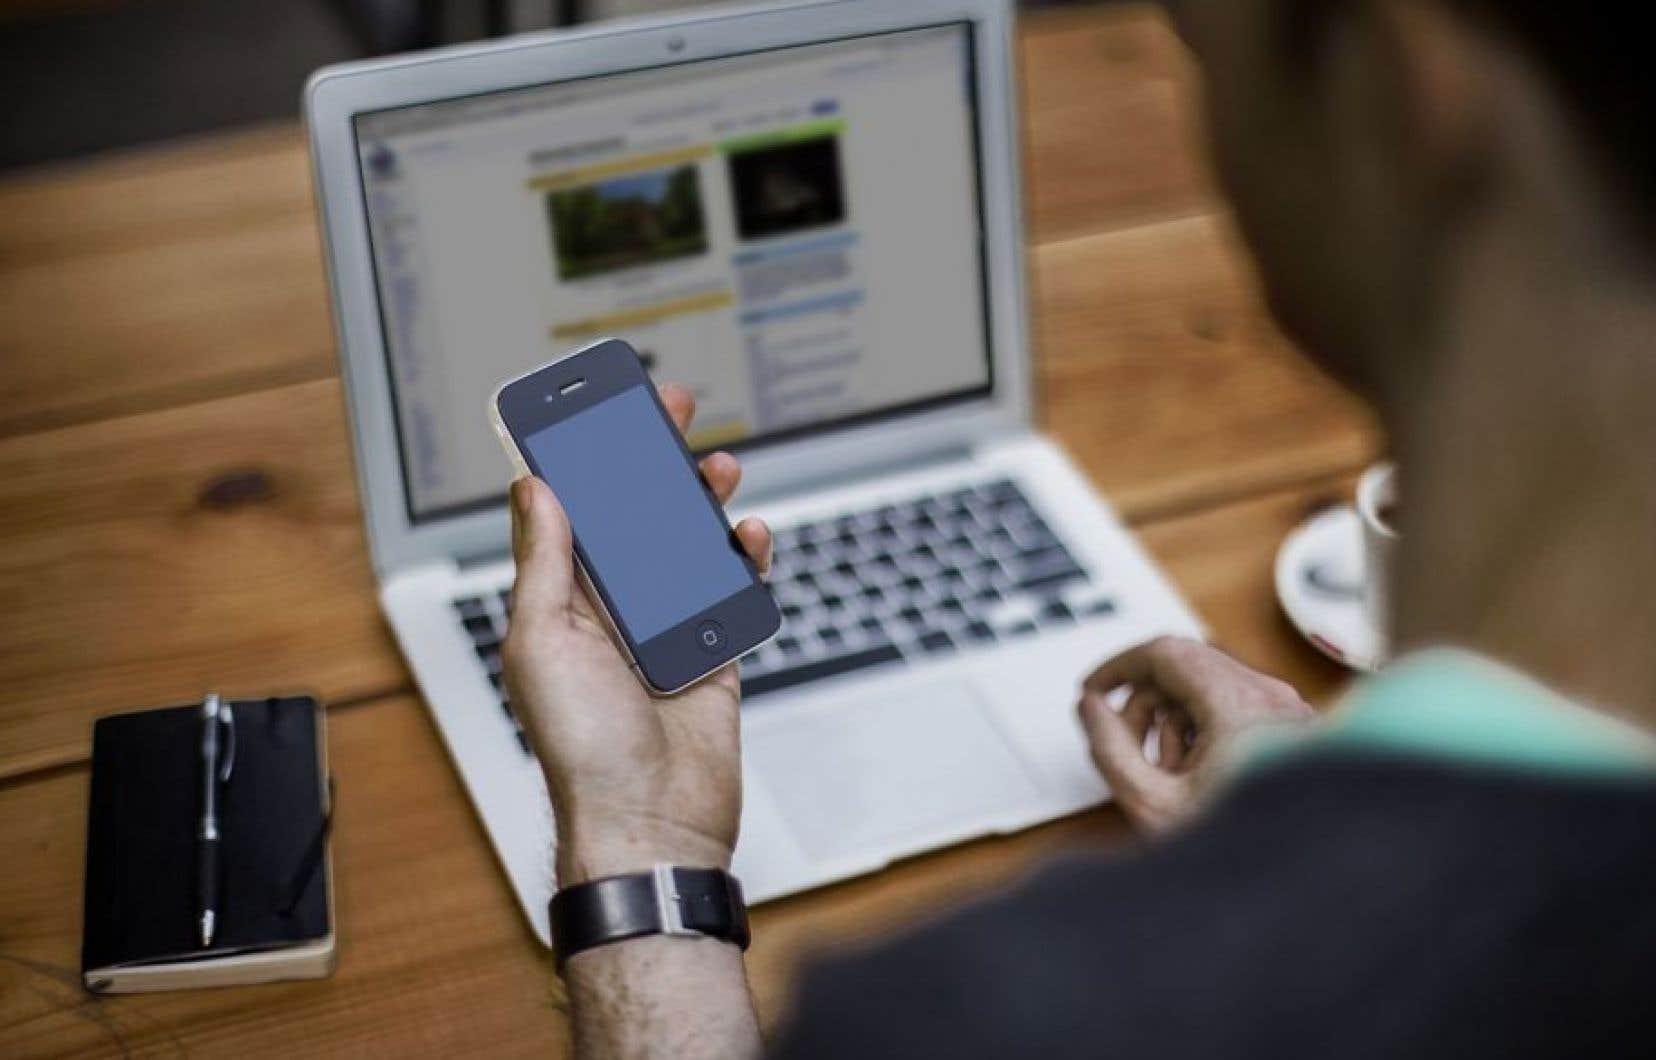 Les opposants au programme de surveillance des données téléphoniques estiment aussi que les agences de renseignement ne devraient pas posséder les données hautement personnelles des Américains.